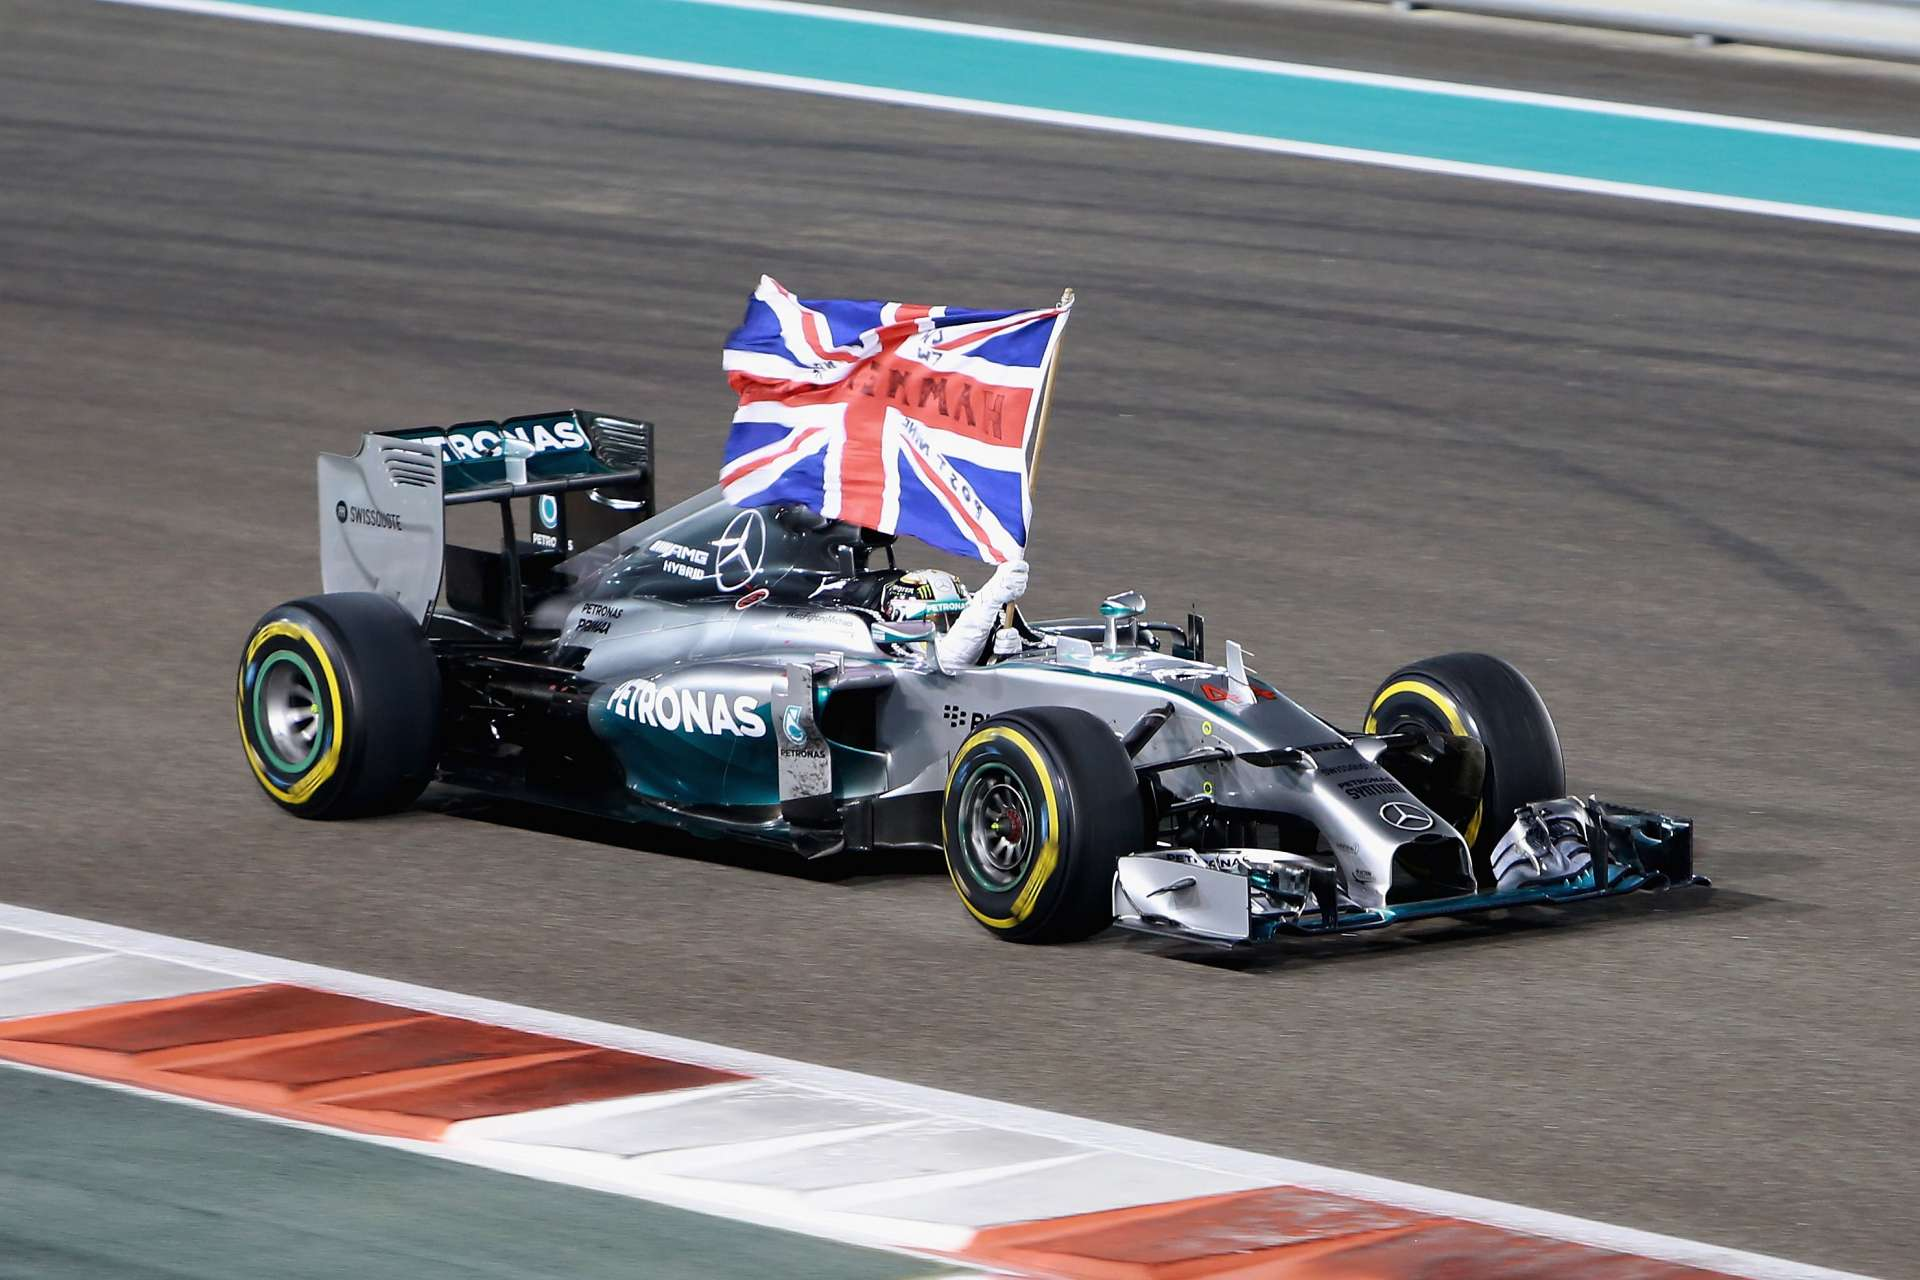 Lewis Hamilton slavi drugi naslov prvaka nakon pobjede na VN Abu Dabija 2014. (23.11.2014.) Foto: Getty